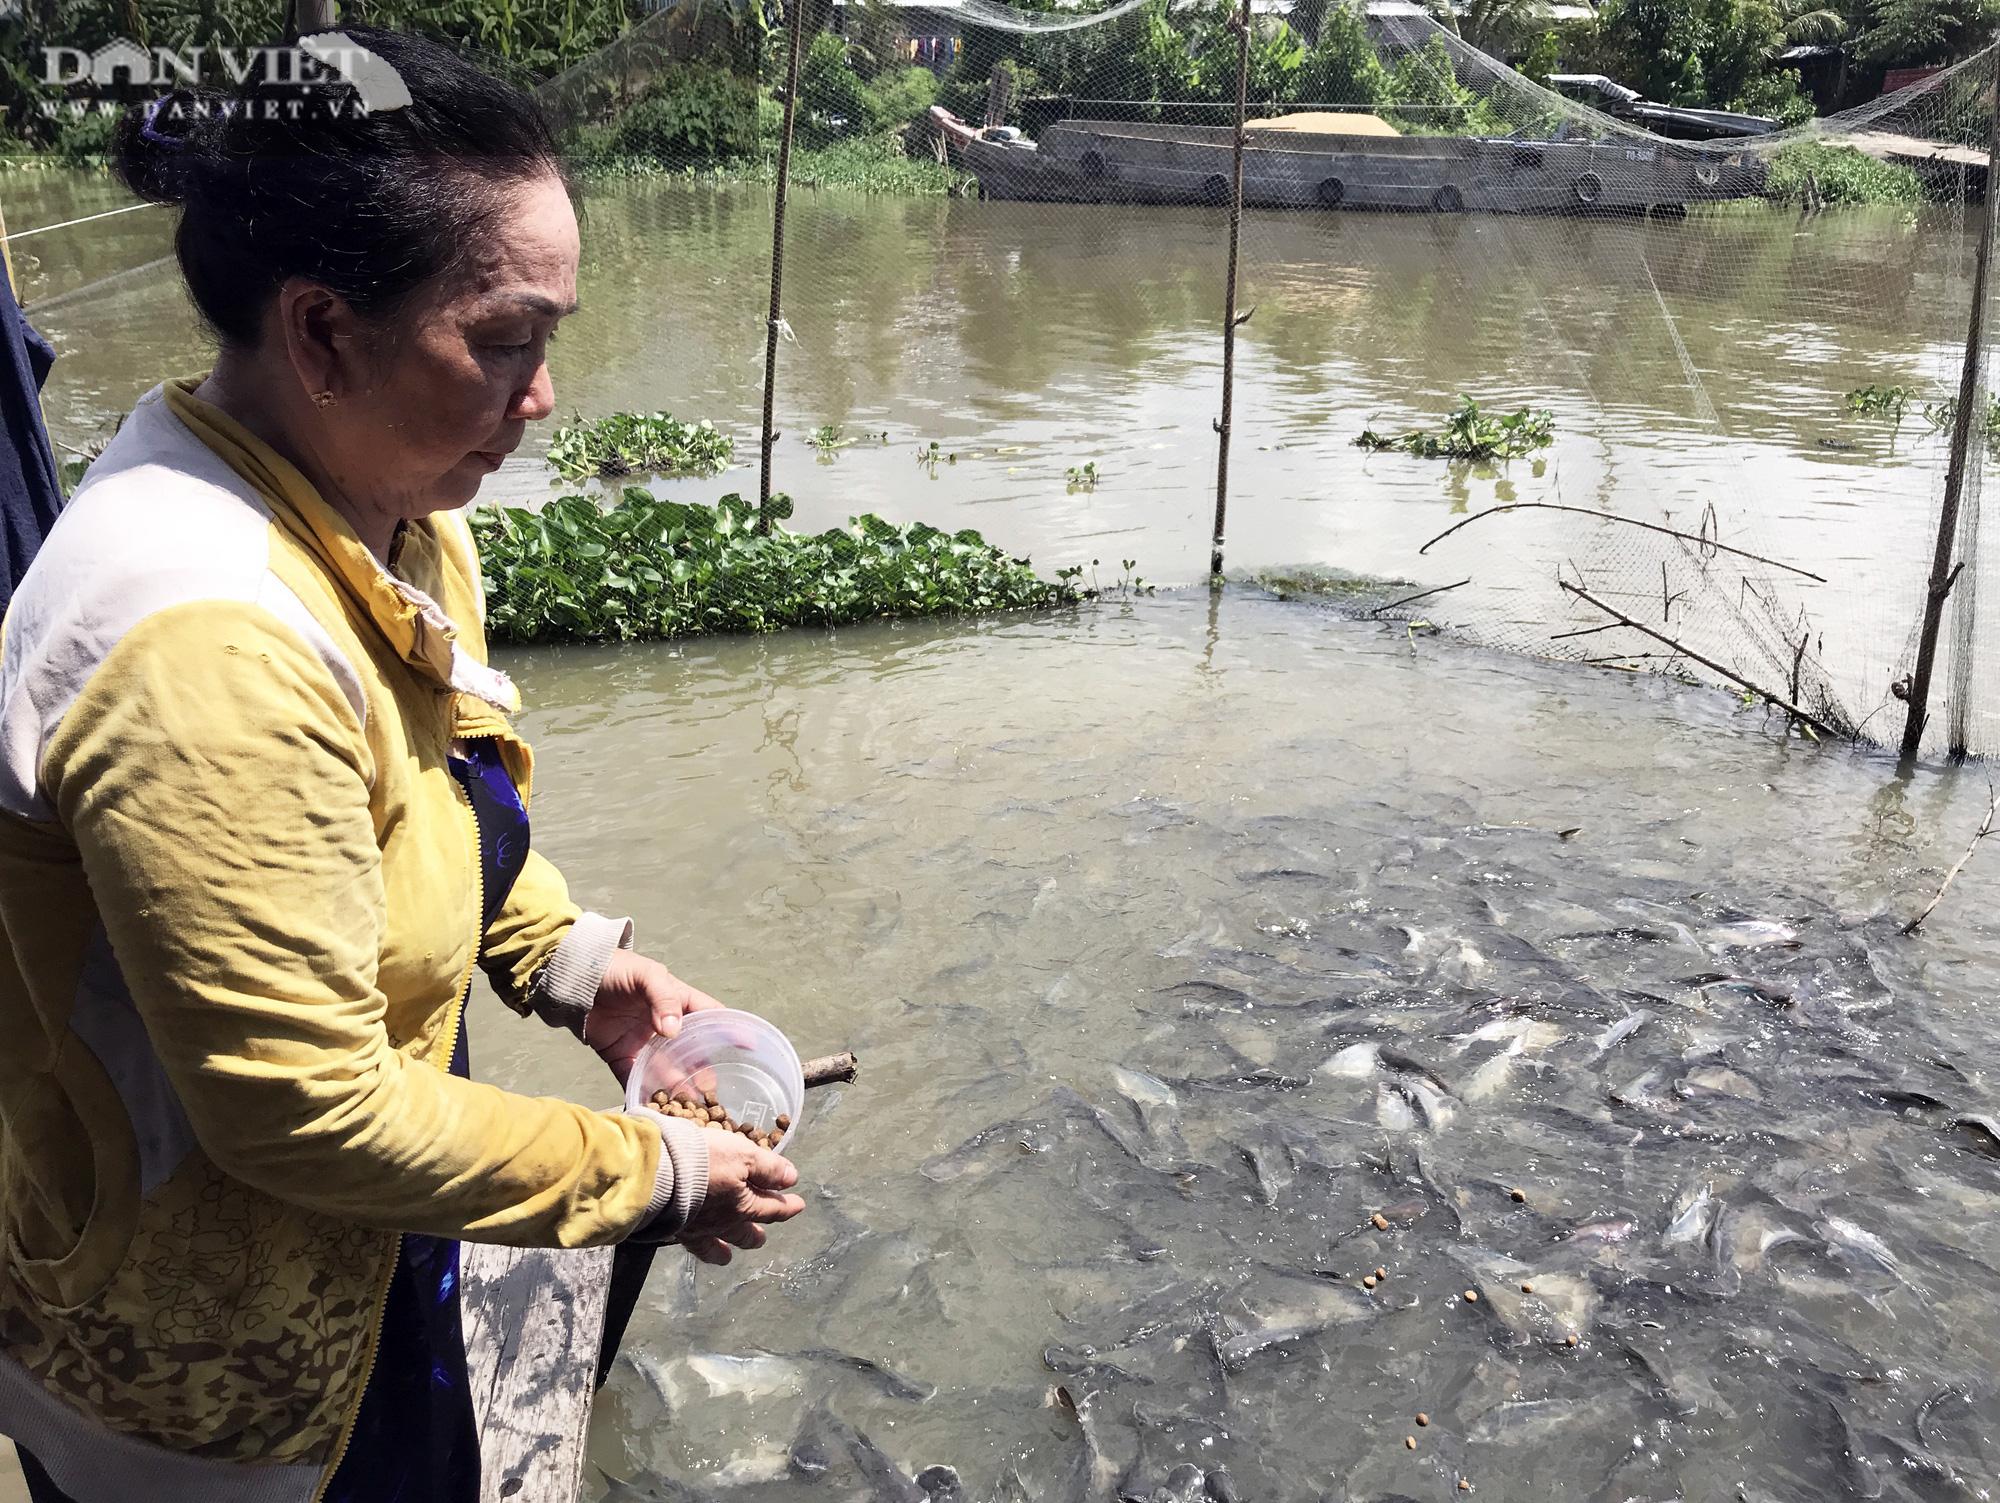 Lạ đời những người bỏ tiền túi nuôi cá sông như thú cưng - Ảnh 6.